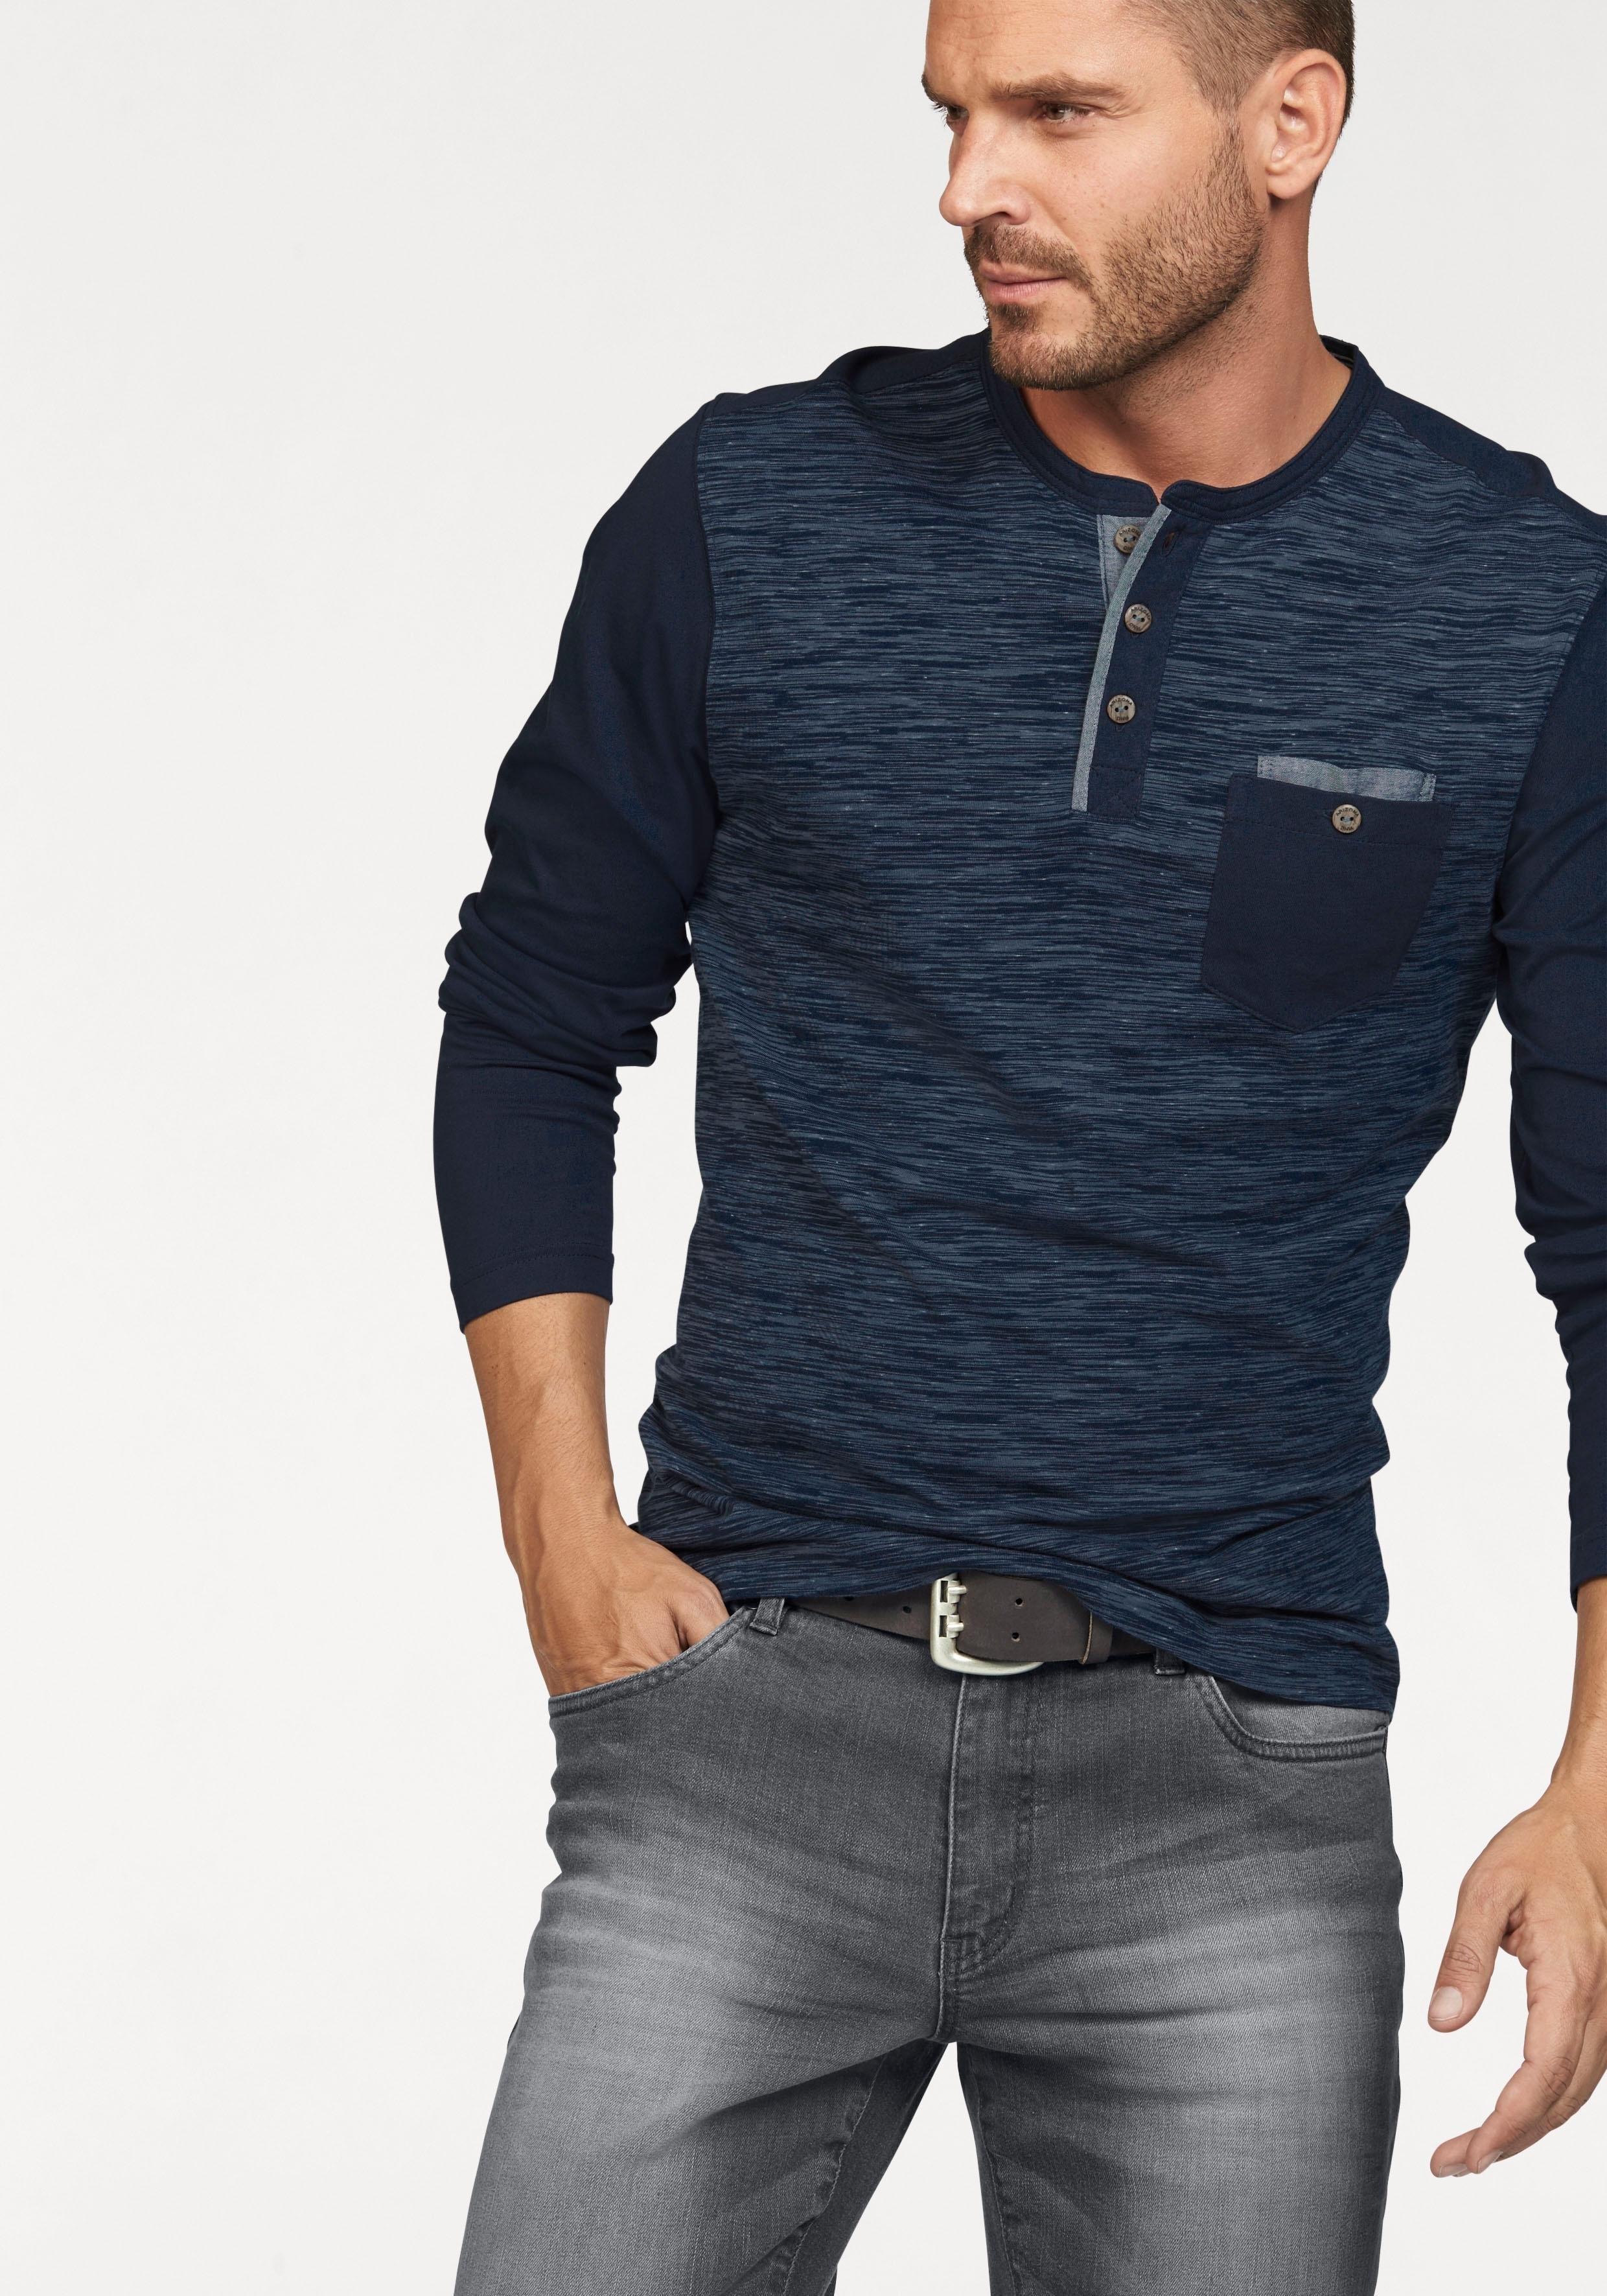 ARIZONA shirt met lange mouwen - verschillende betaalmethodes